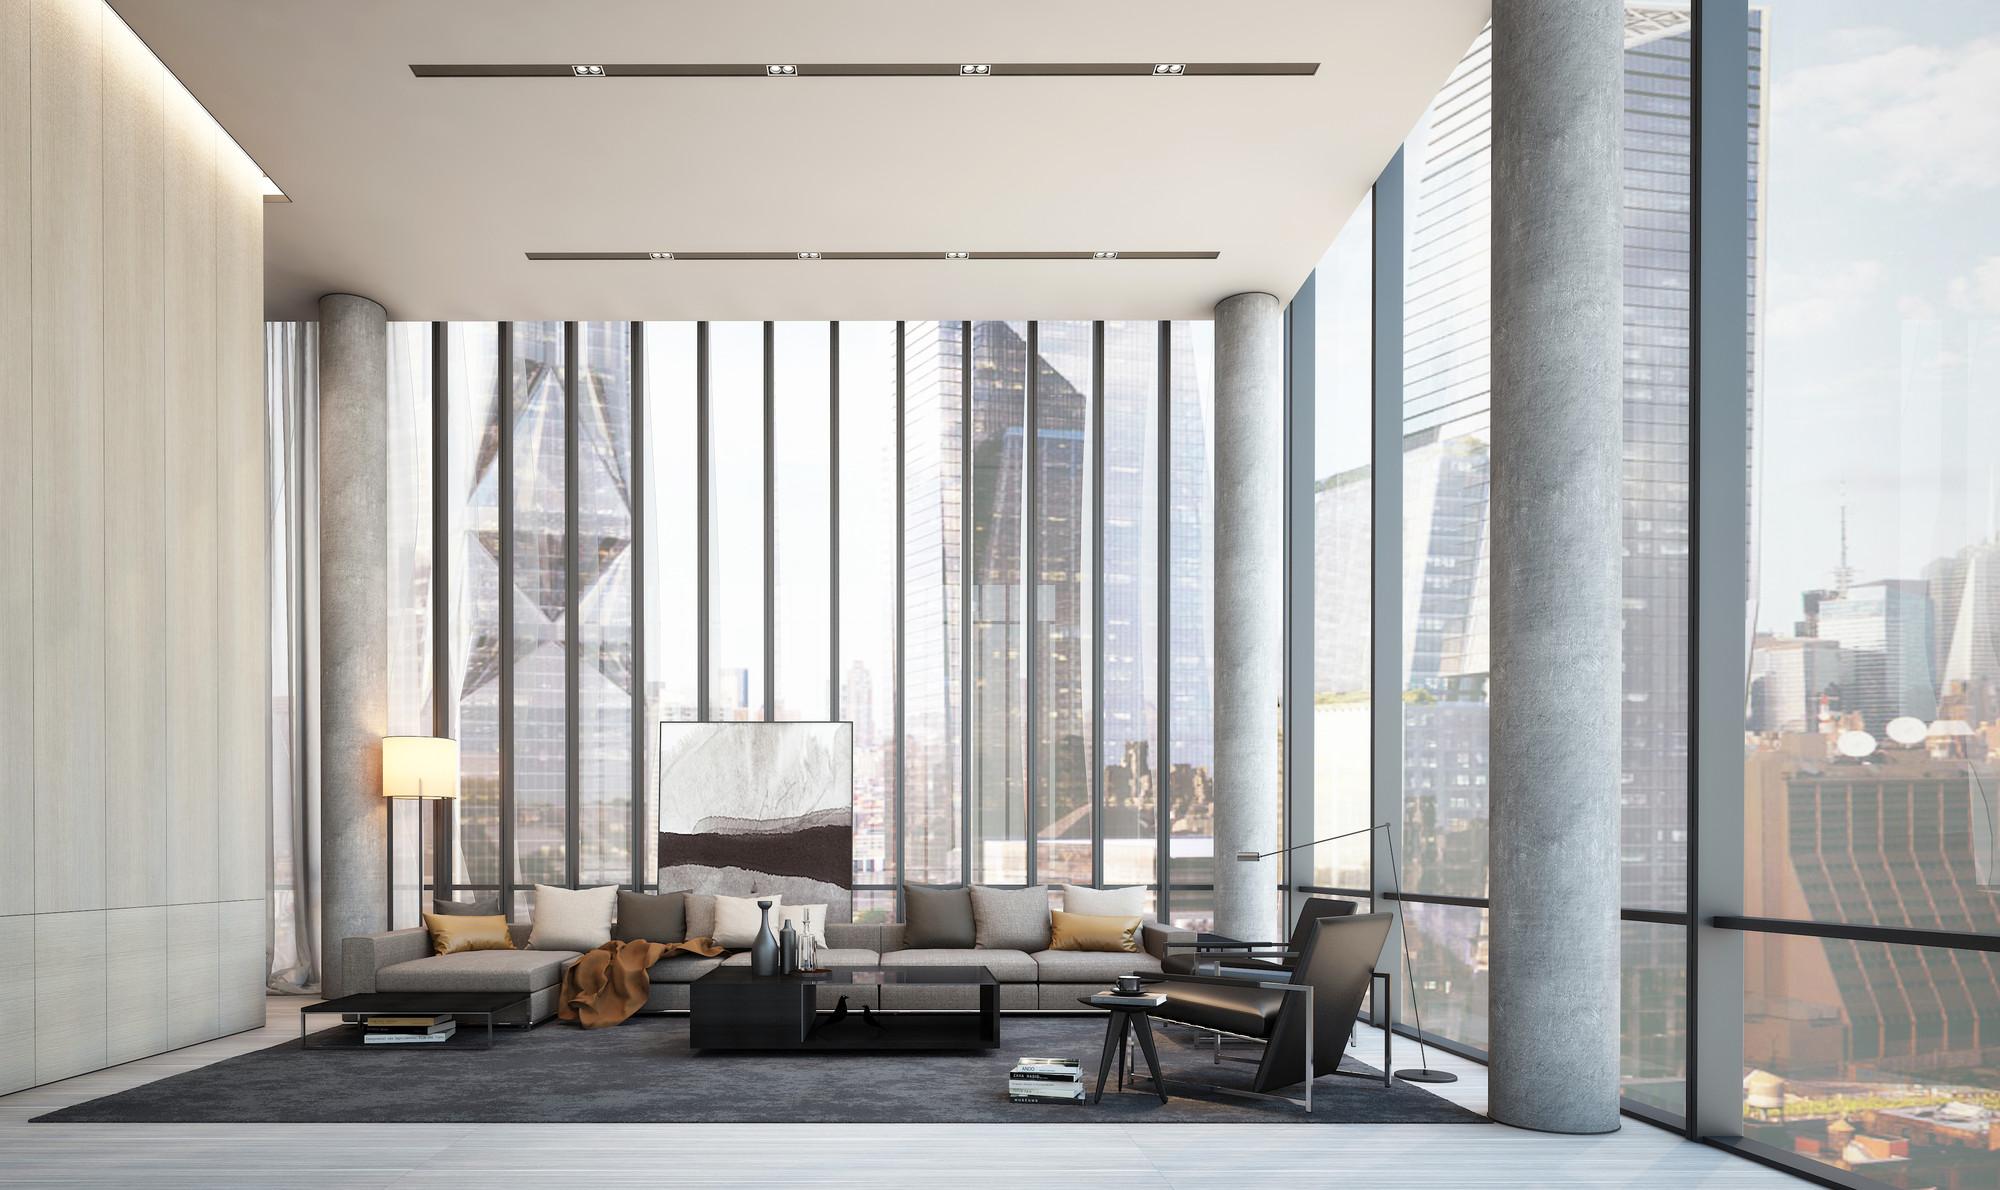 Sala de estar en décimo piso. Imagen cortesía de SCDA Architects